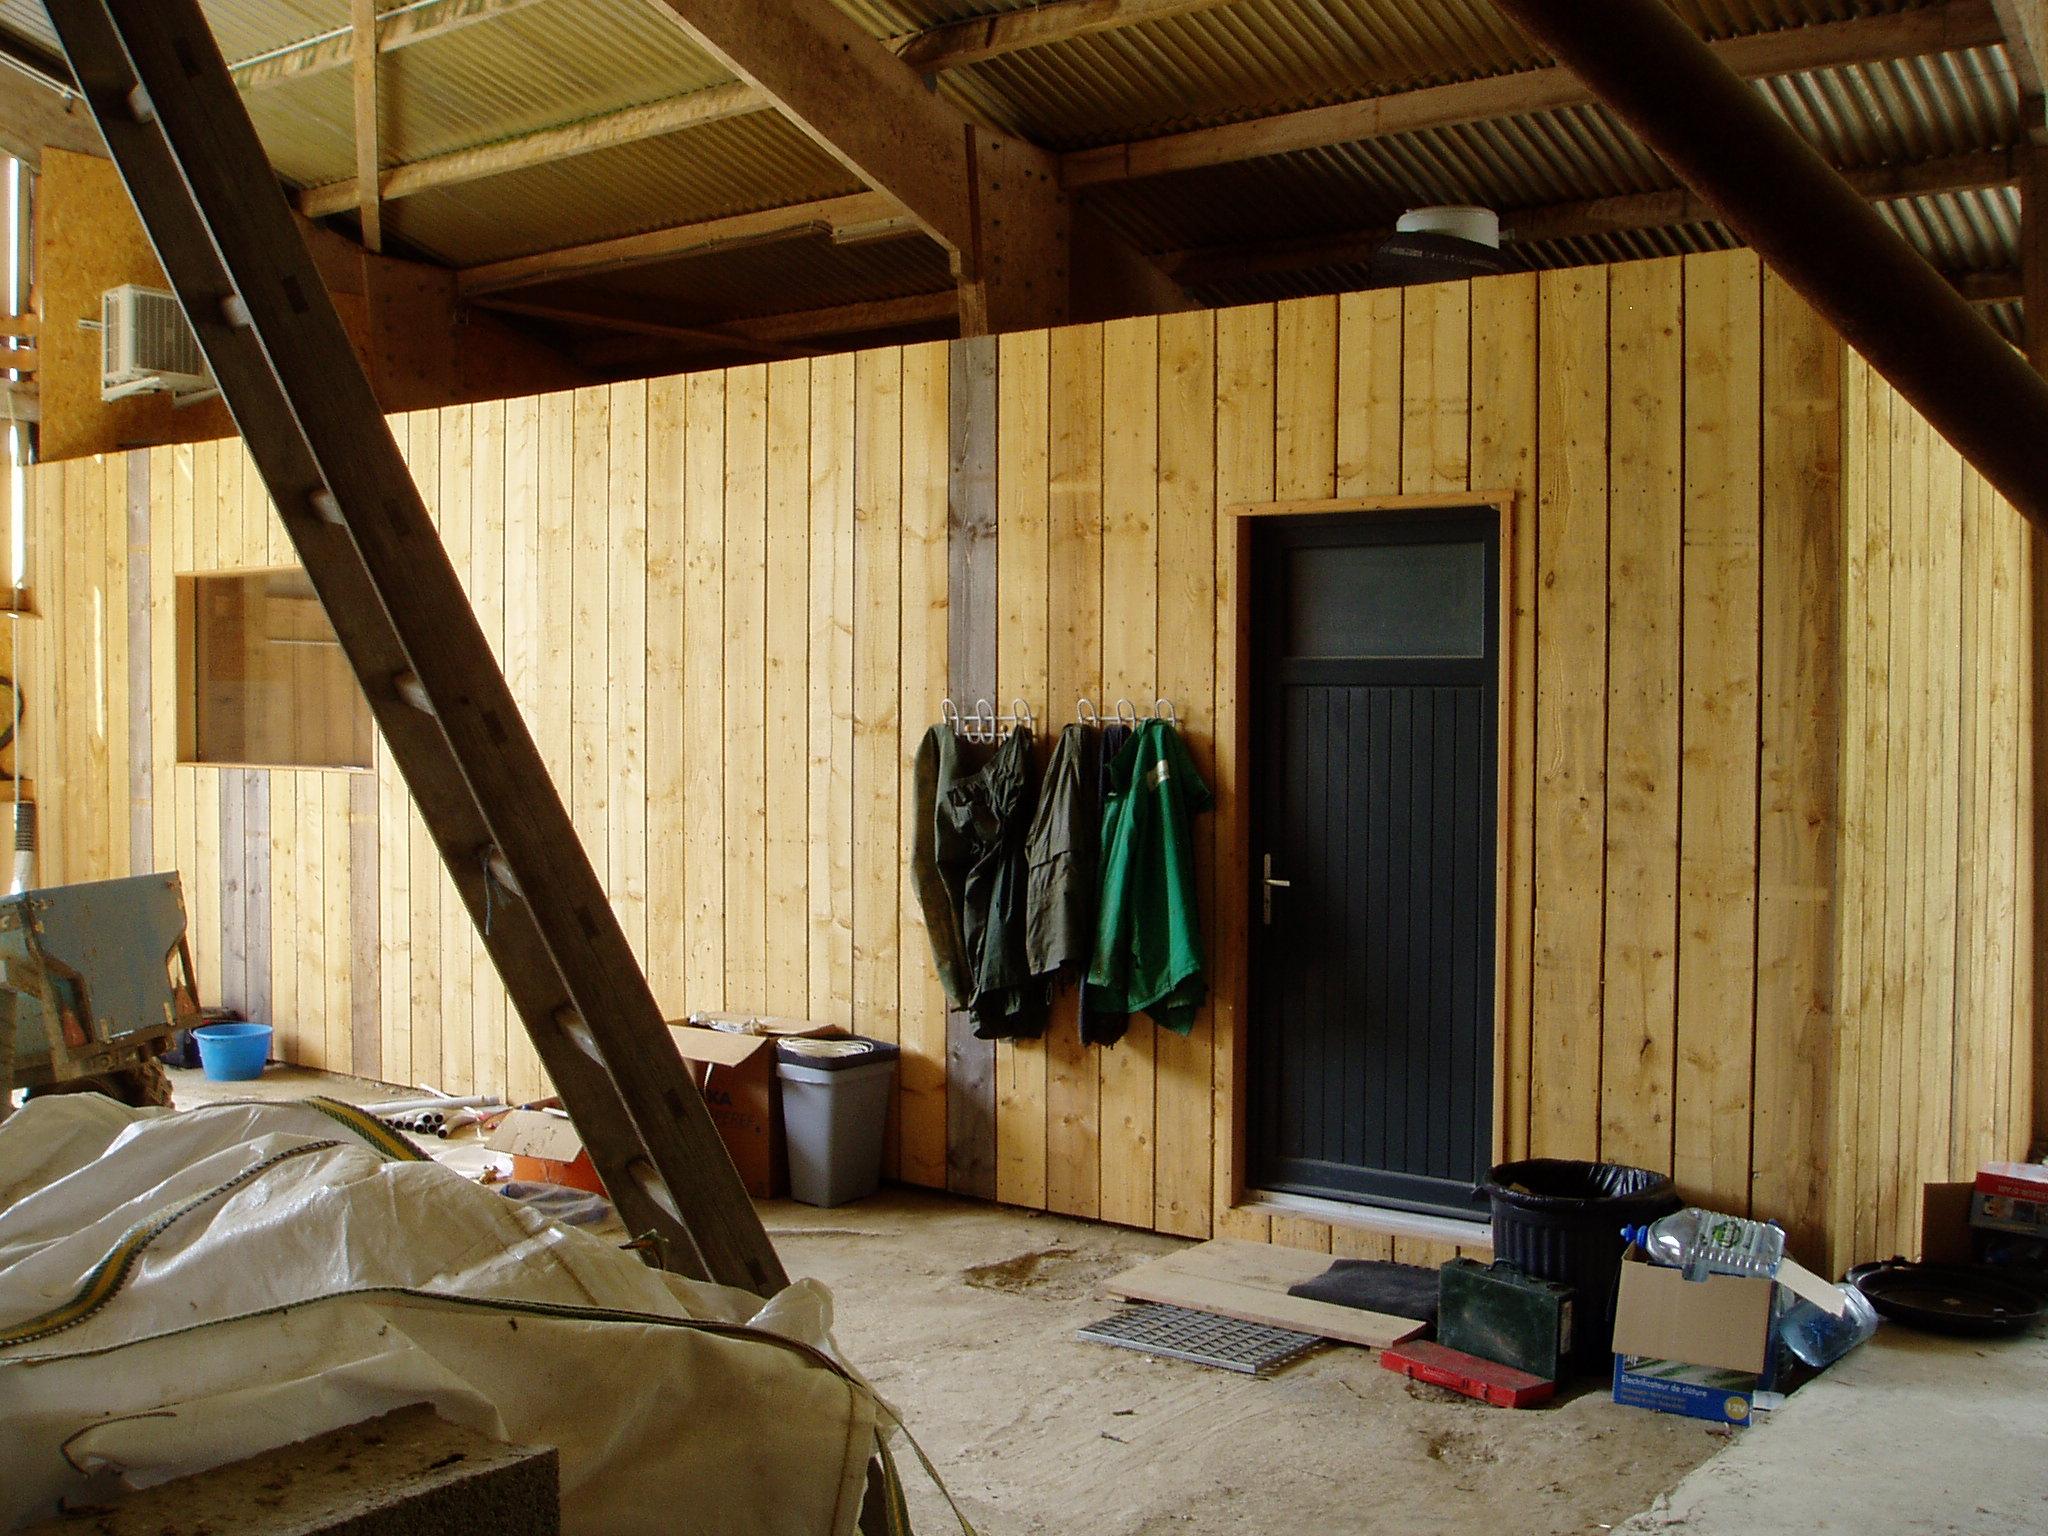 bureau vue côté intérieur hangar